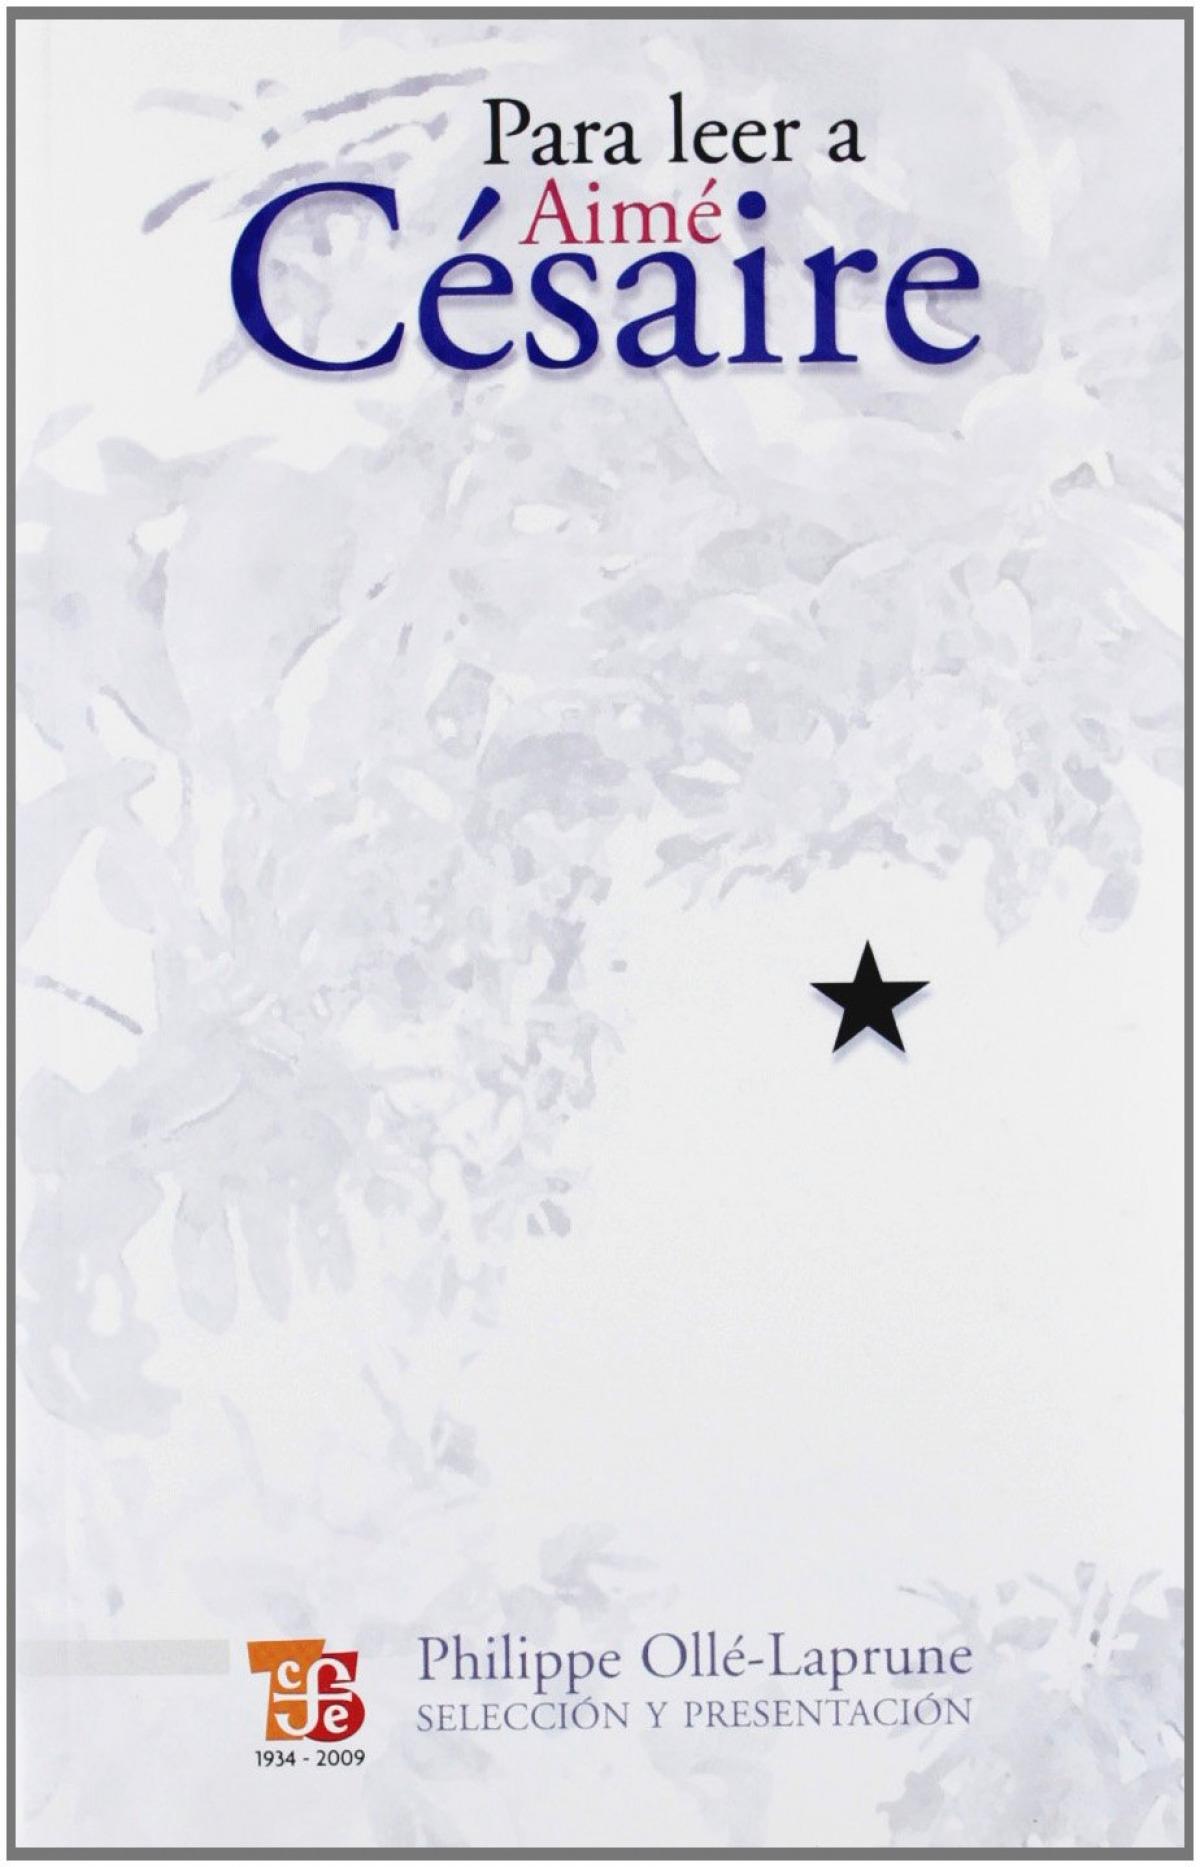 Para leer a Aimé Césaire